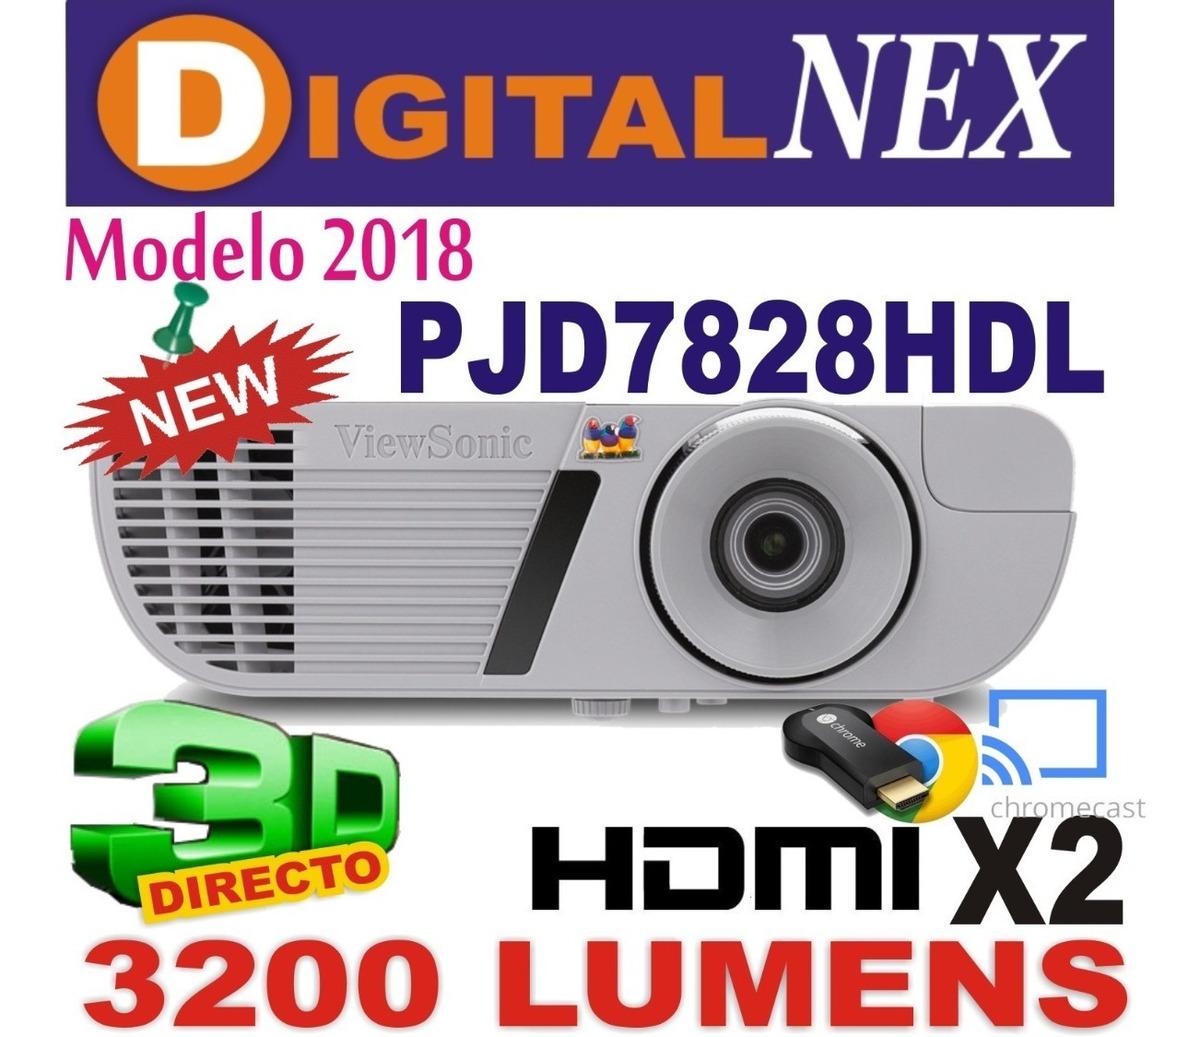 https://http2.mlstatic.com/proyector-viewsonic-pjd7828hdl-mod-2018-1080p-nativo-hdmi-x2-D_NQ_NP_662551-MLA31584832868_072019-F.jpg